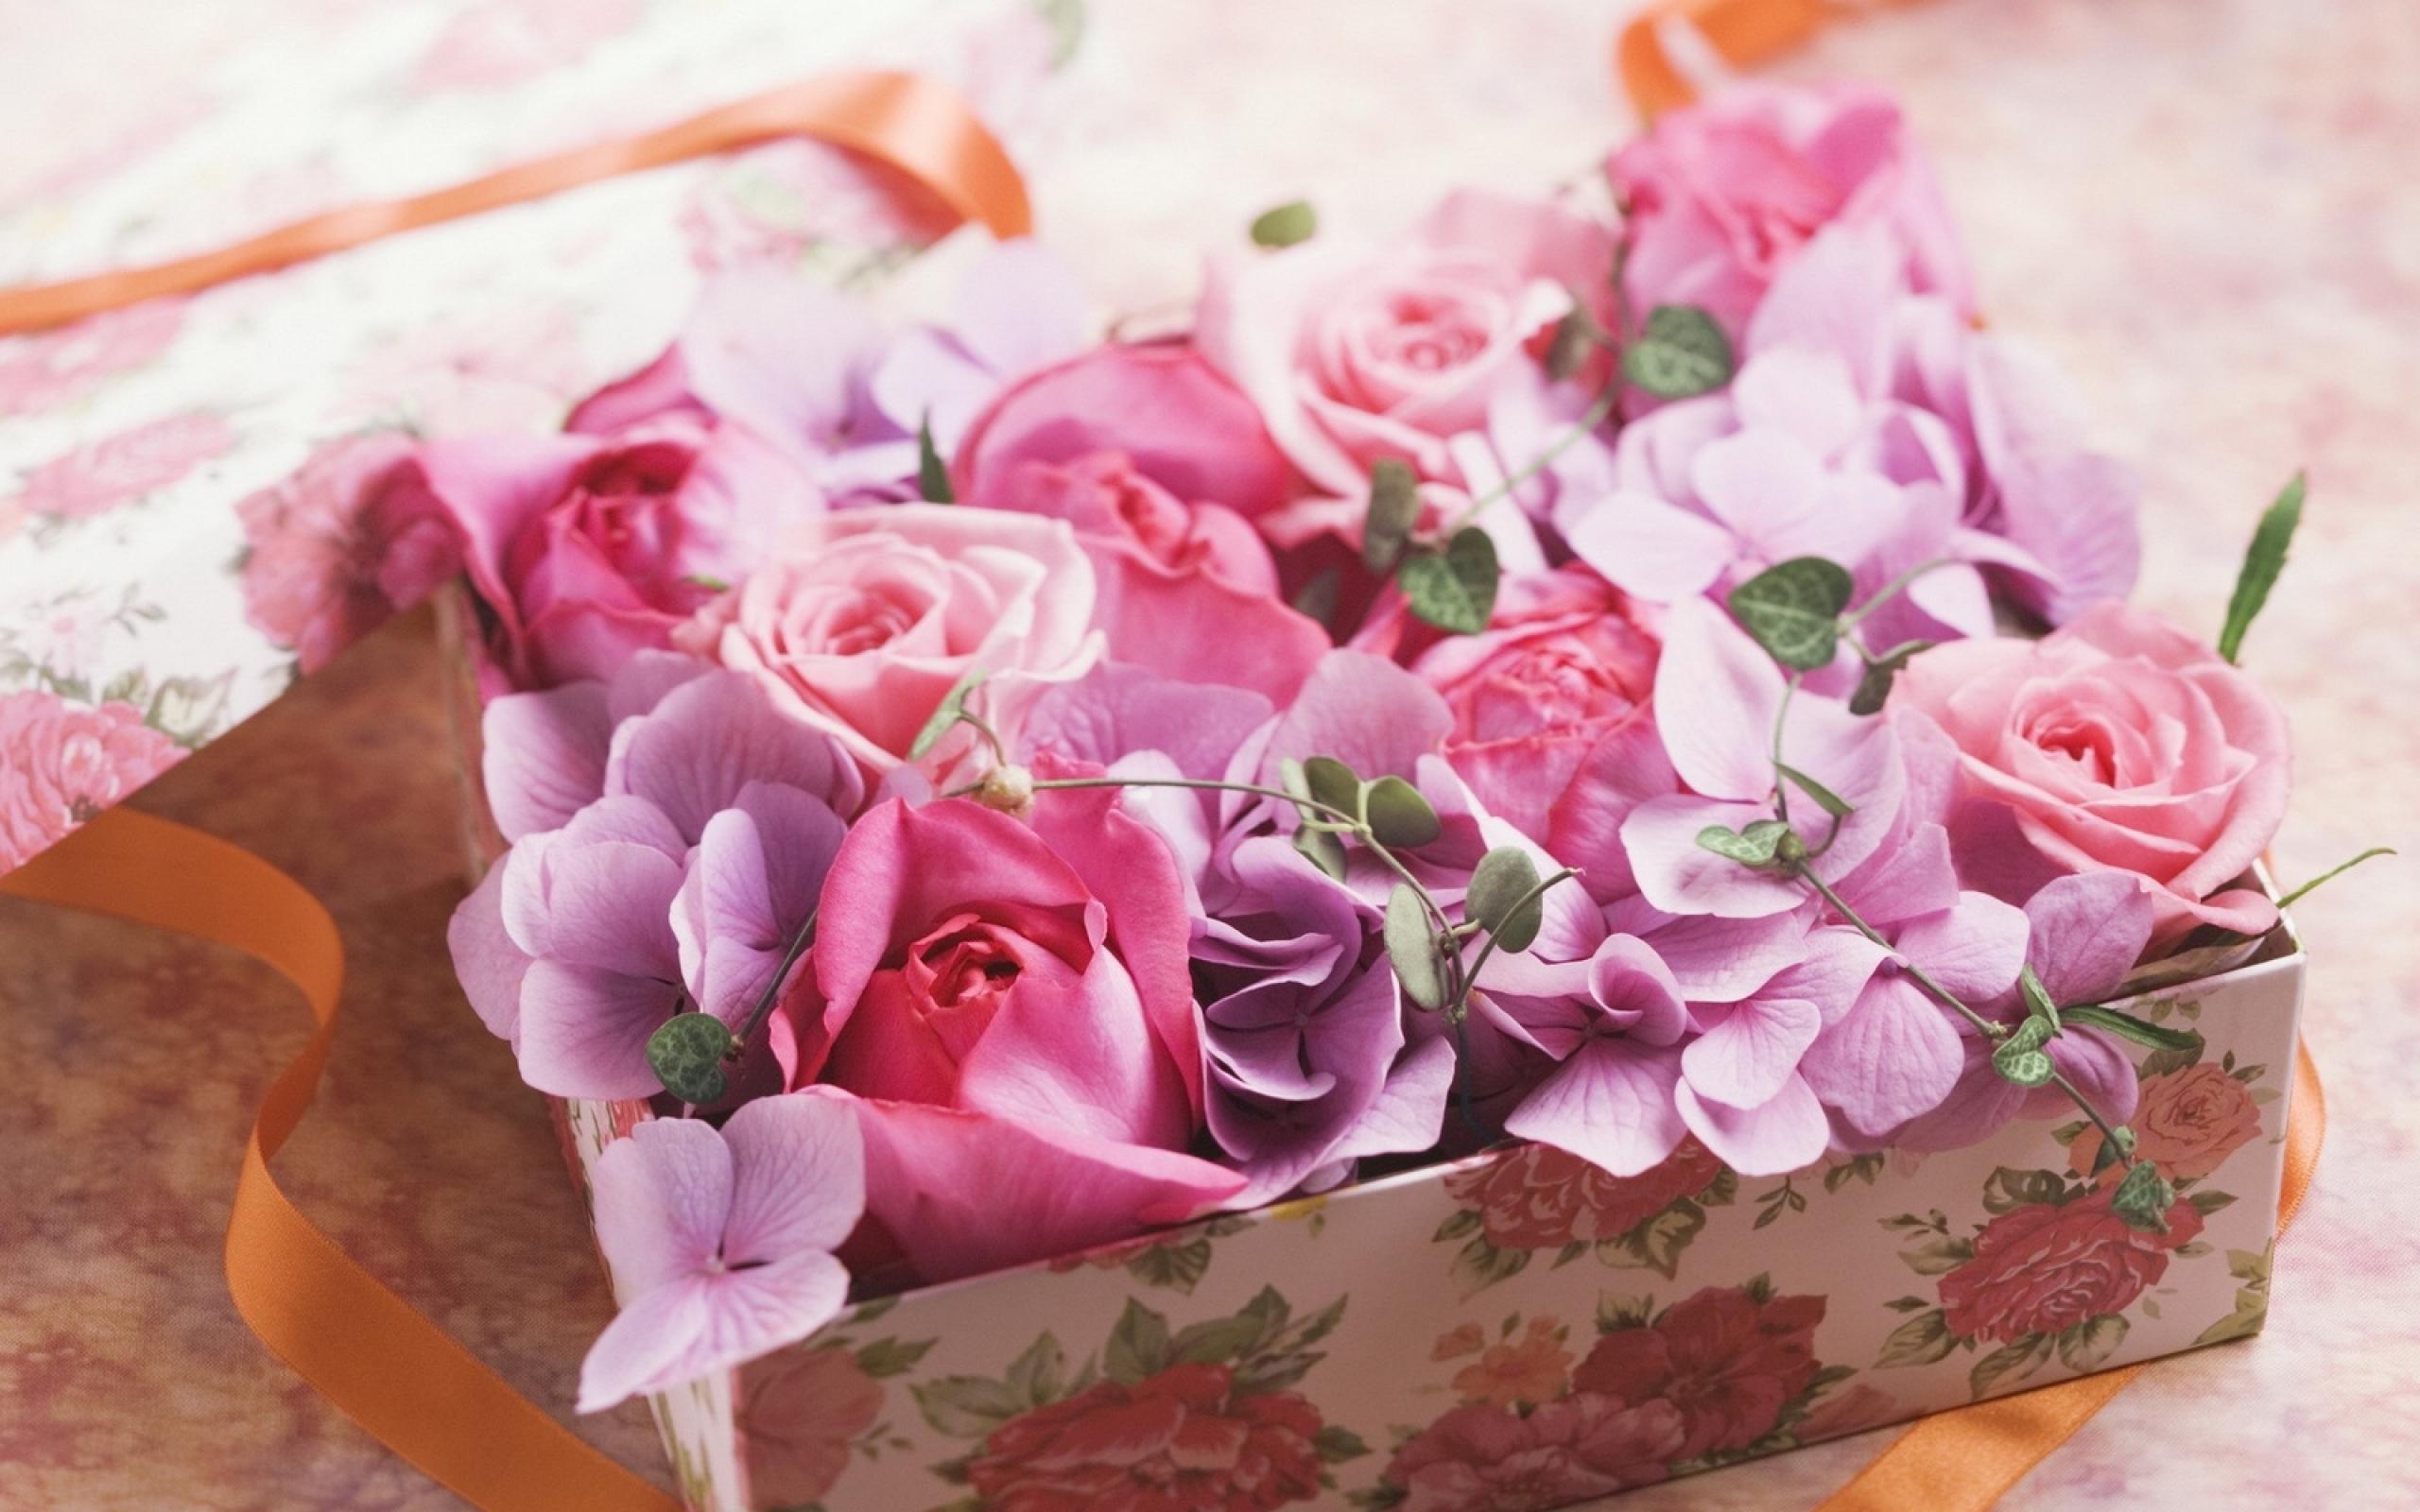 цветы для день рождения подарок картинка брусчаткой улица красивыми